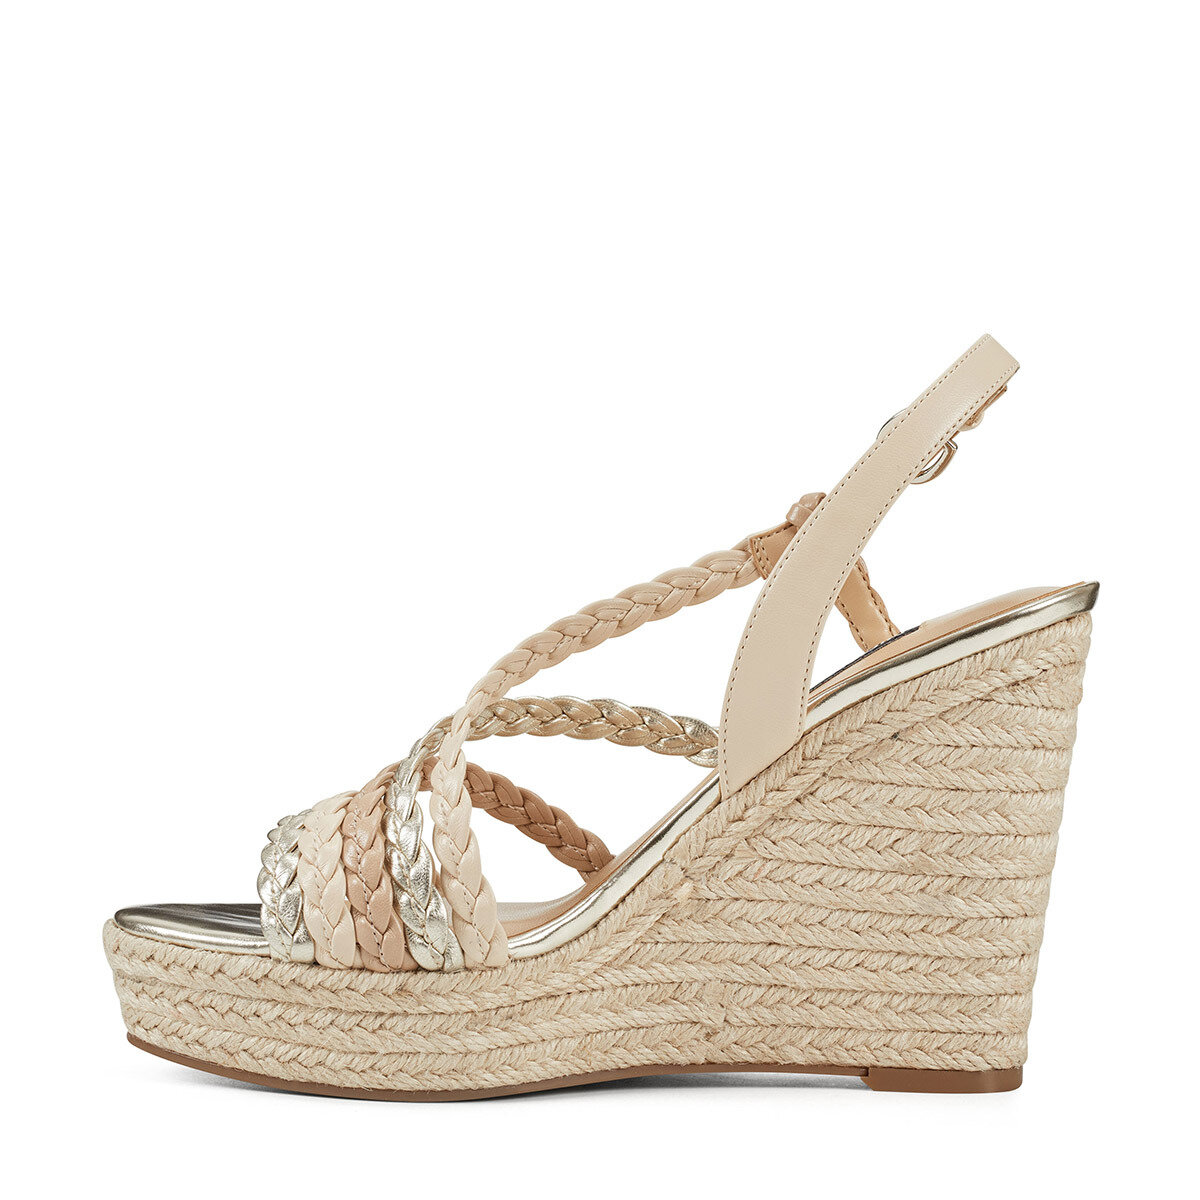 HALSEE3 Altın Kadın Dolgu Topuk Ayakkabı